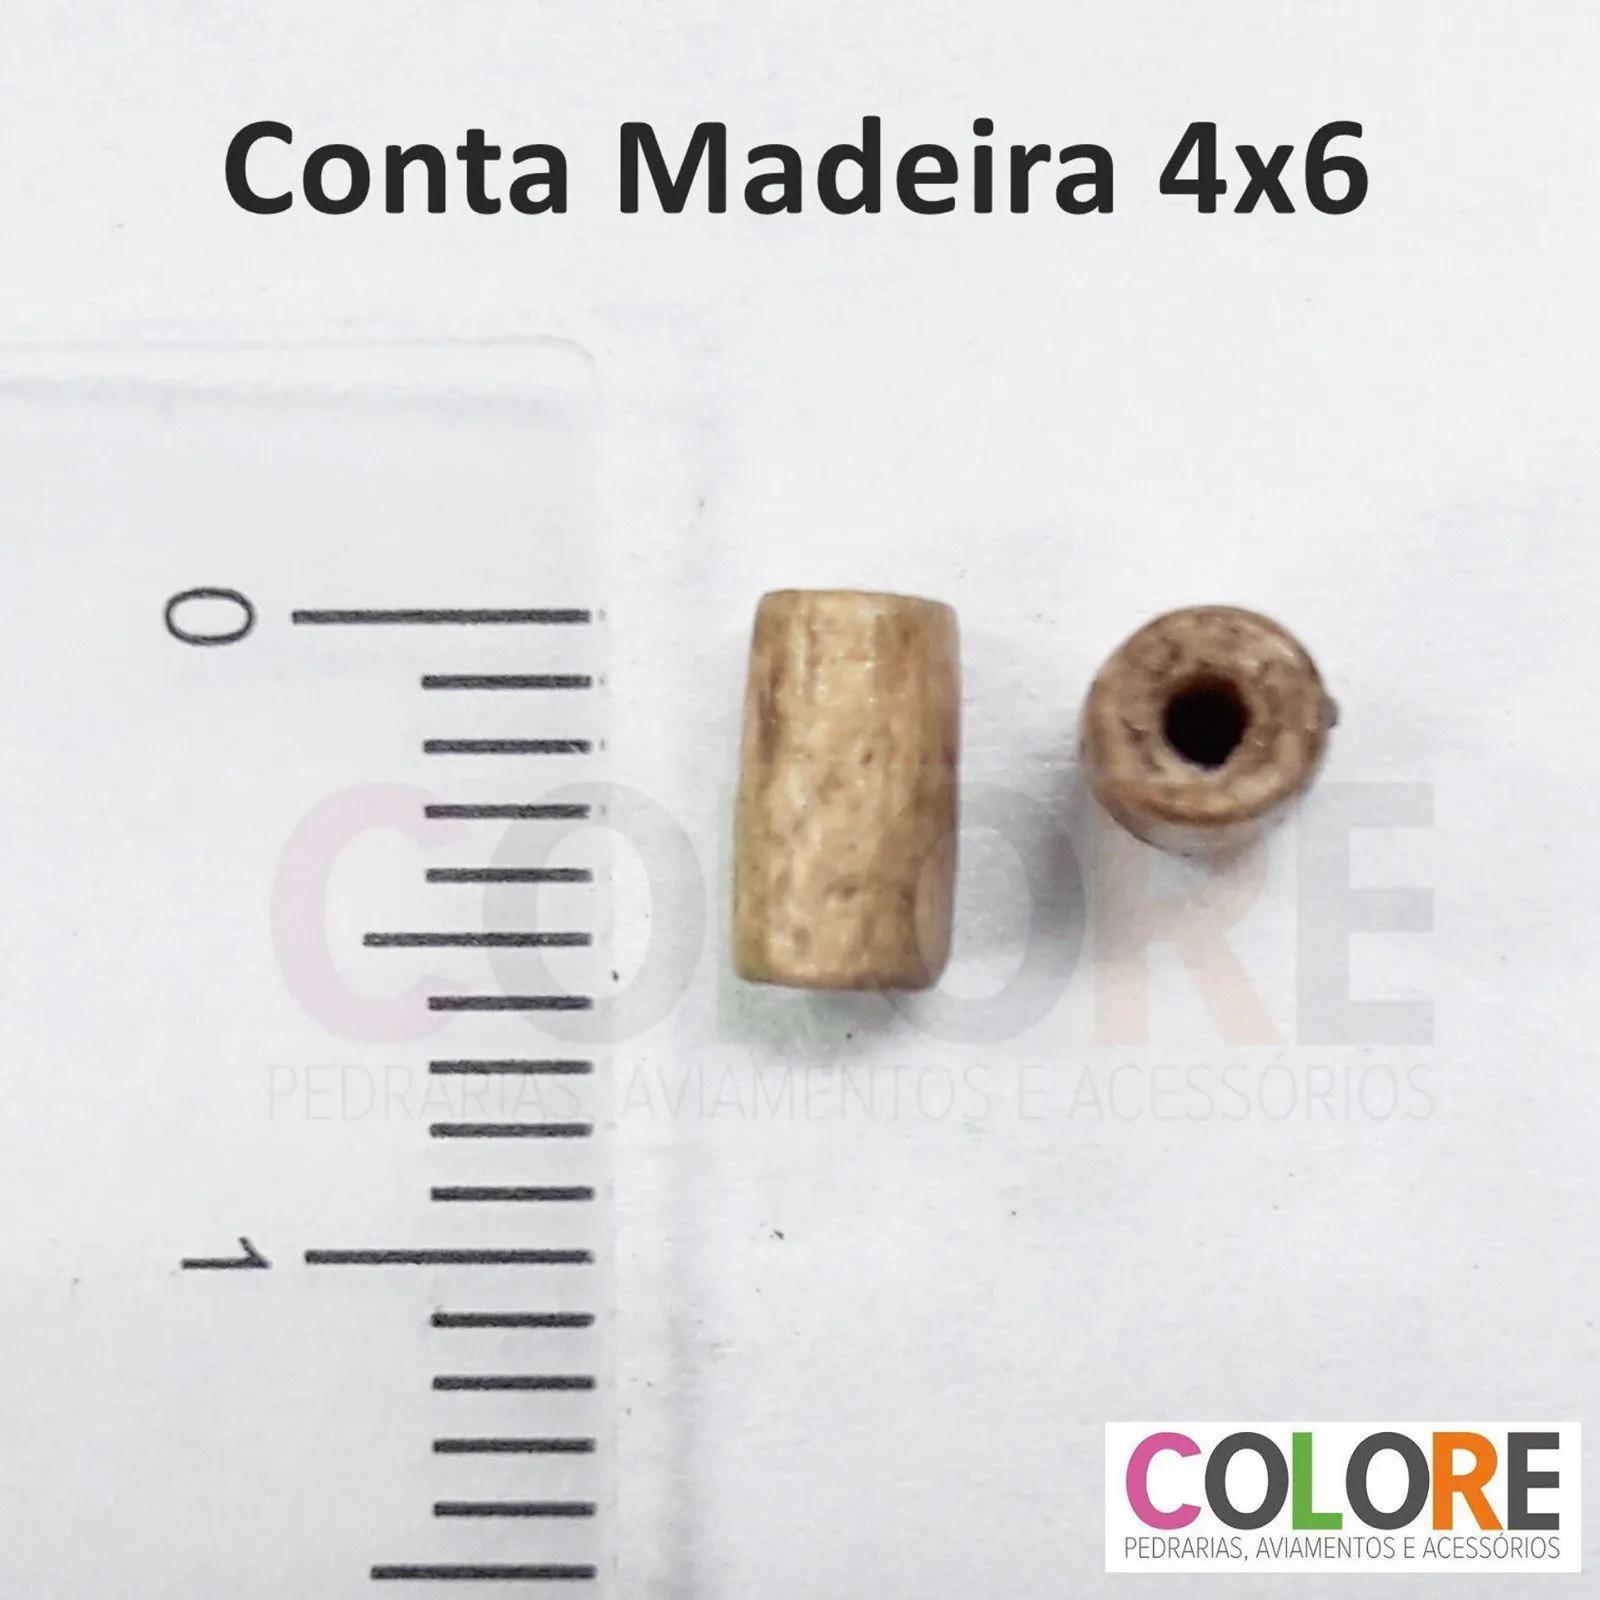 Conta de Madeira 04x6mm AS2842 5.000 unidades